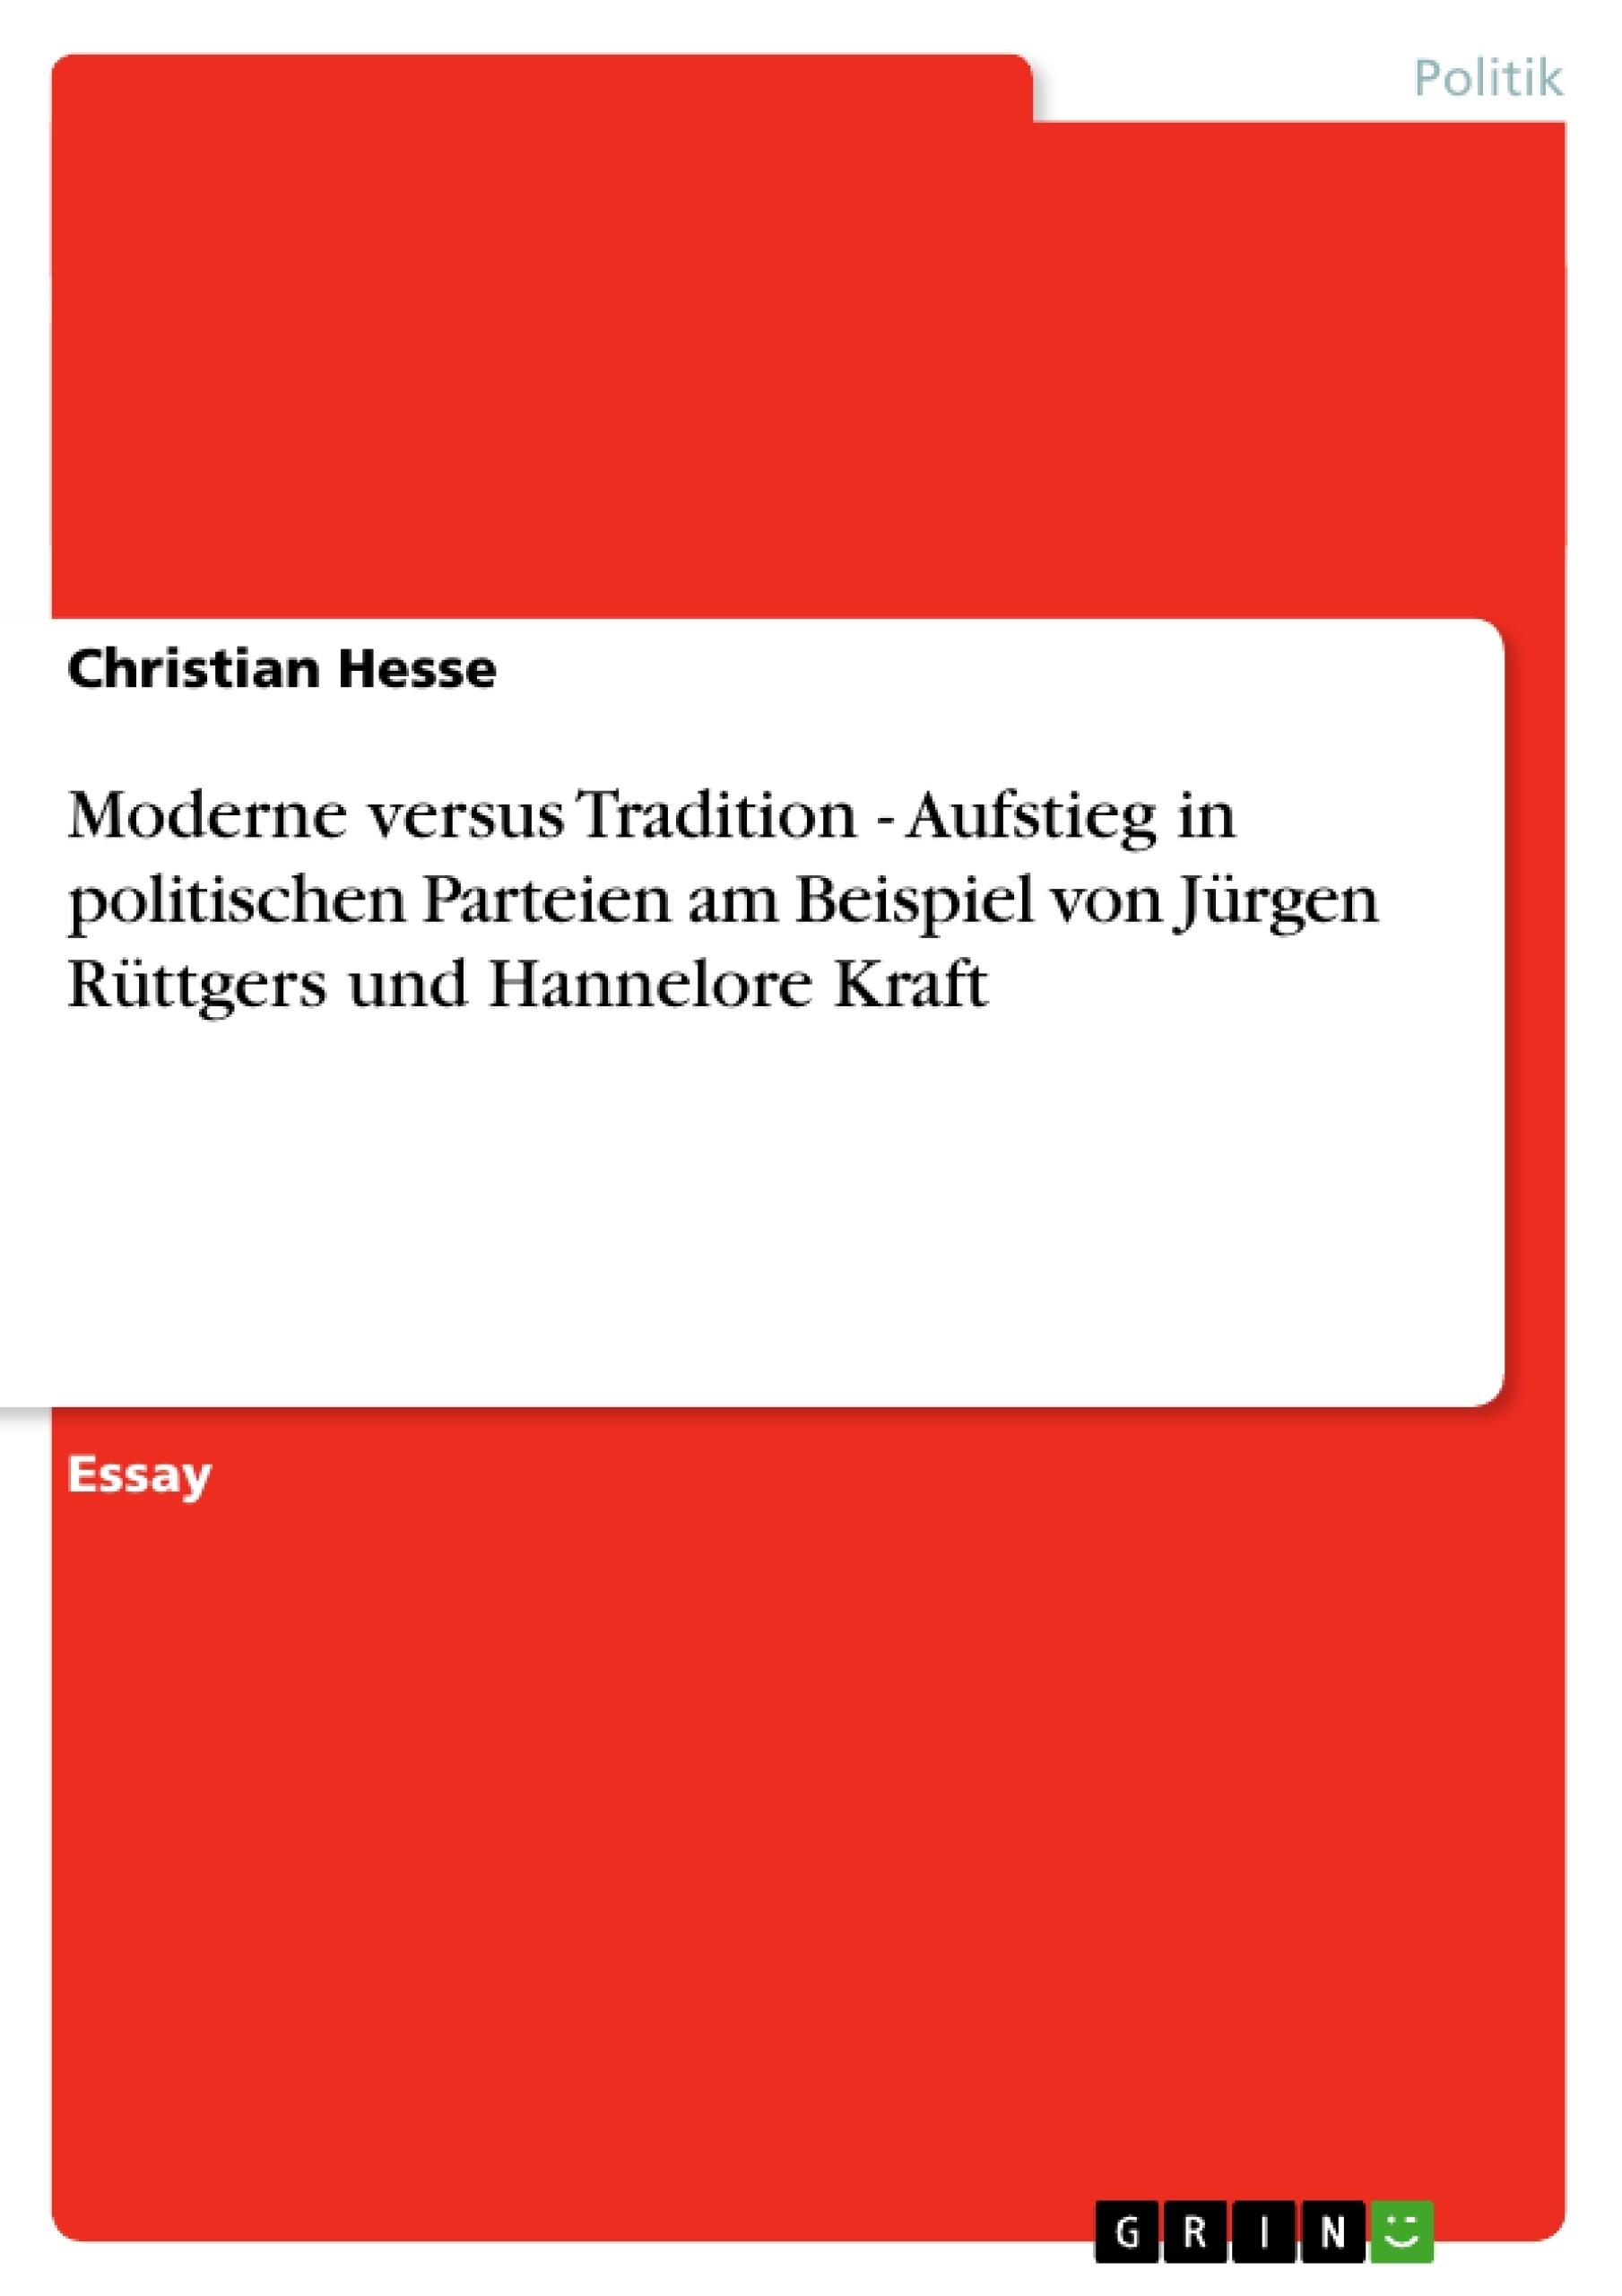 Titel: Moderne versus Tradition - Aufstieg in politischen Parteien am Beispiel von Jürgen Rüttgers und Hannelore Kraft